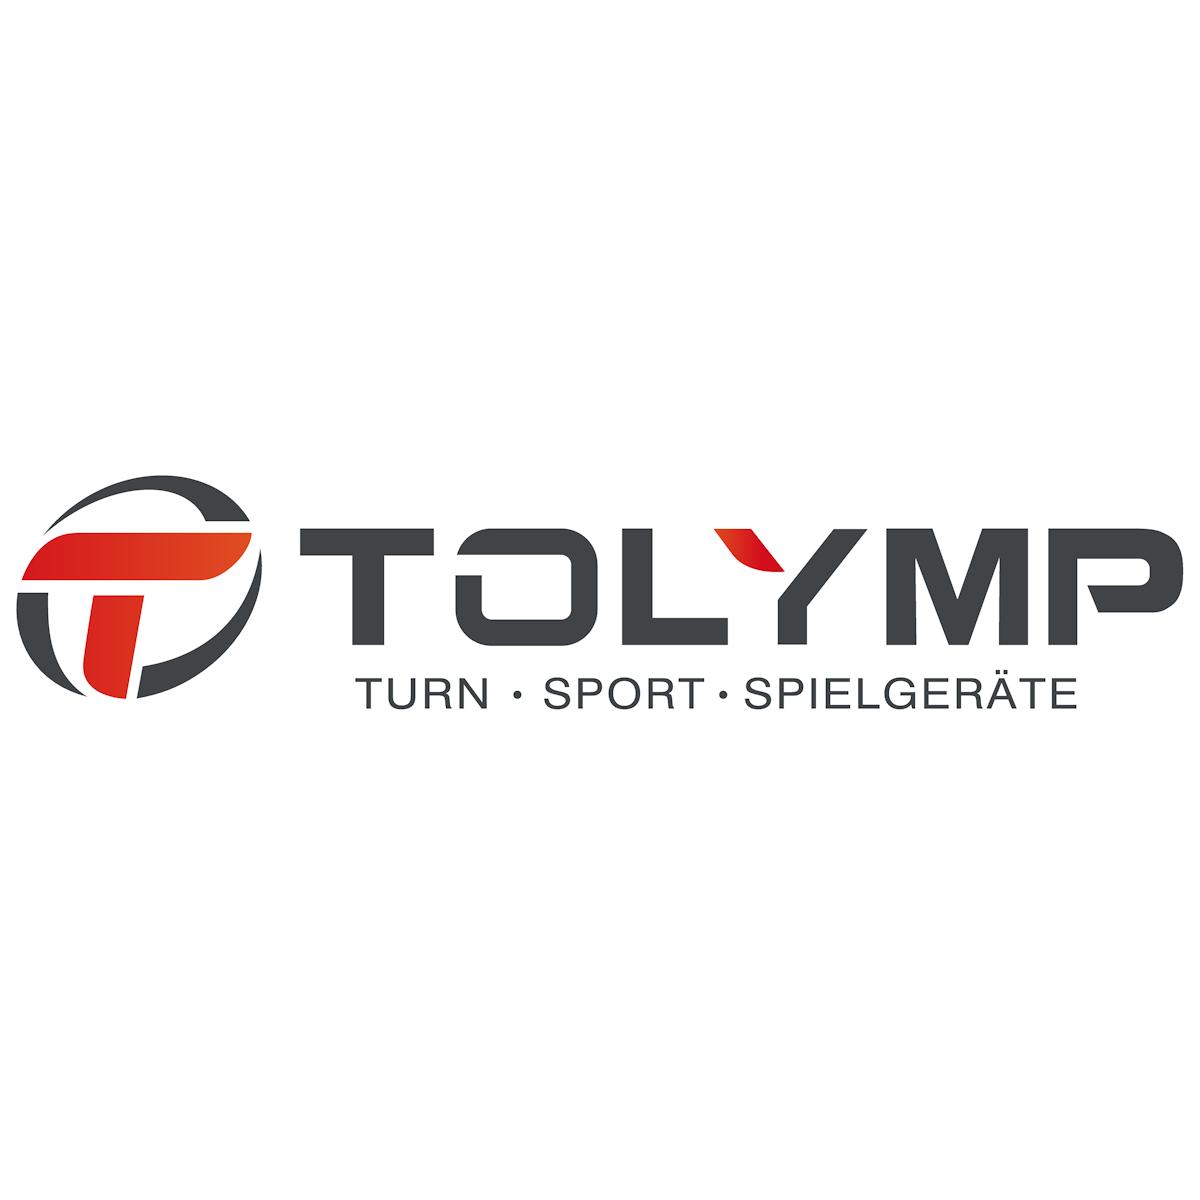 Bild zu TOLYMP GmbH & Co. KG in Hasbergen Kreis Osnabrück